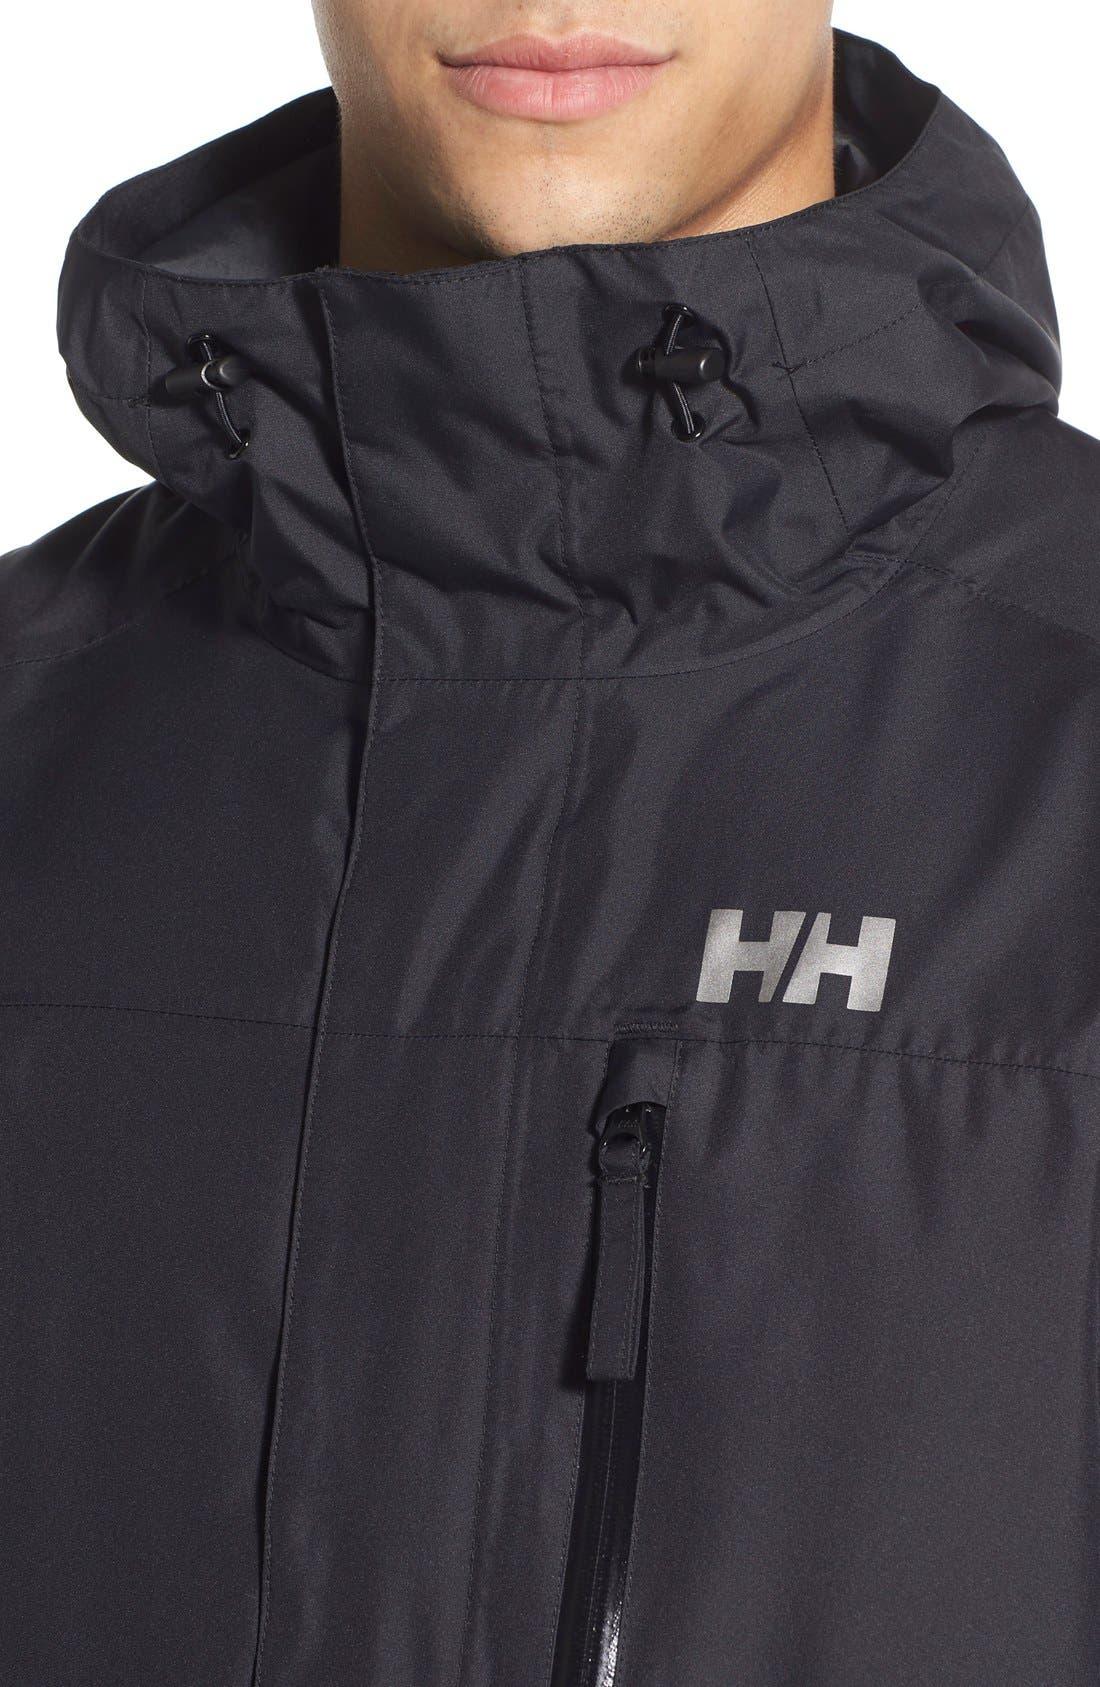 'Vancouver' Packable Rain Jacket,                             Alternate thumbnail 20, color,